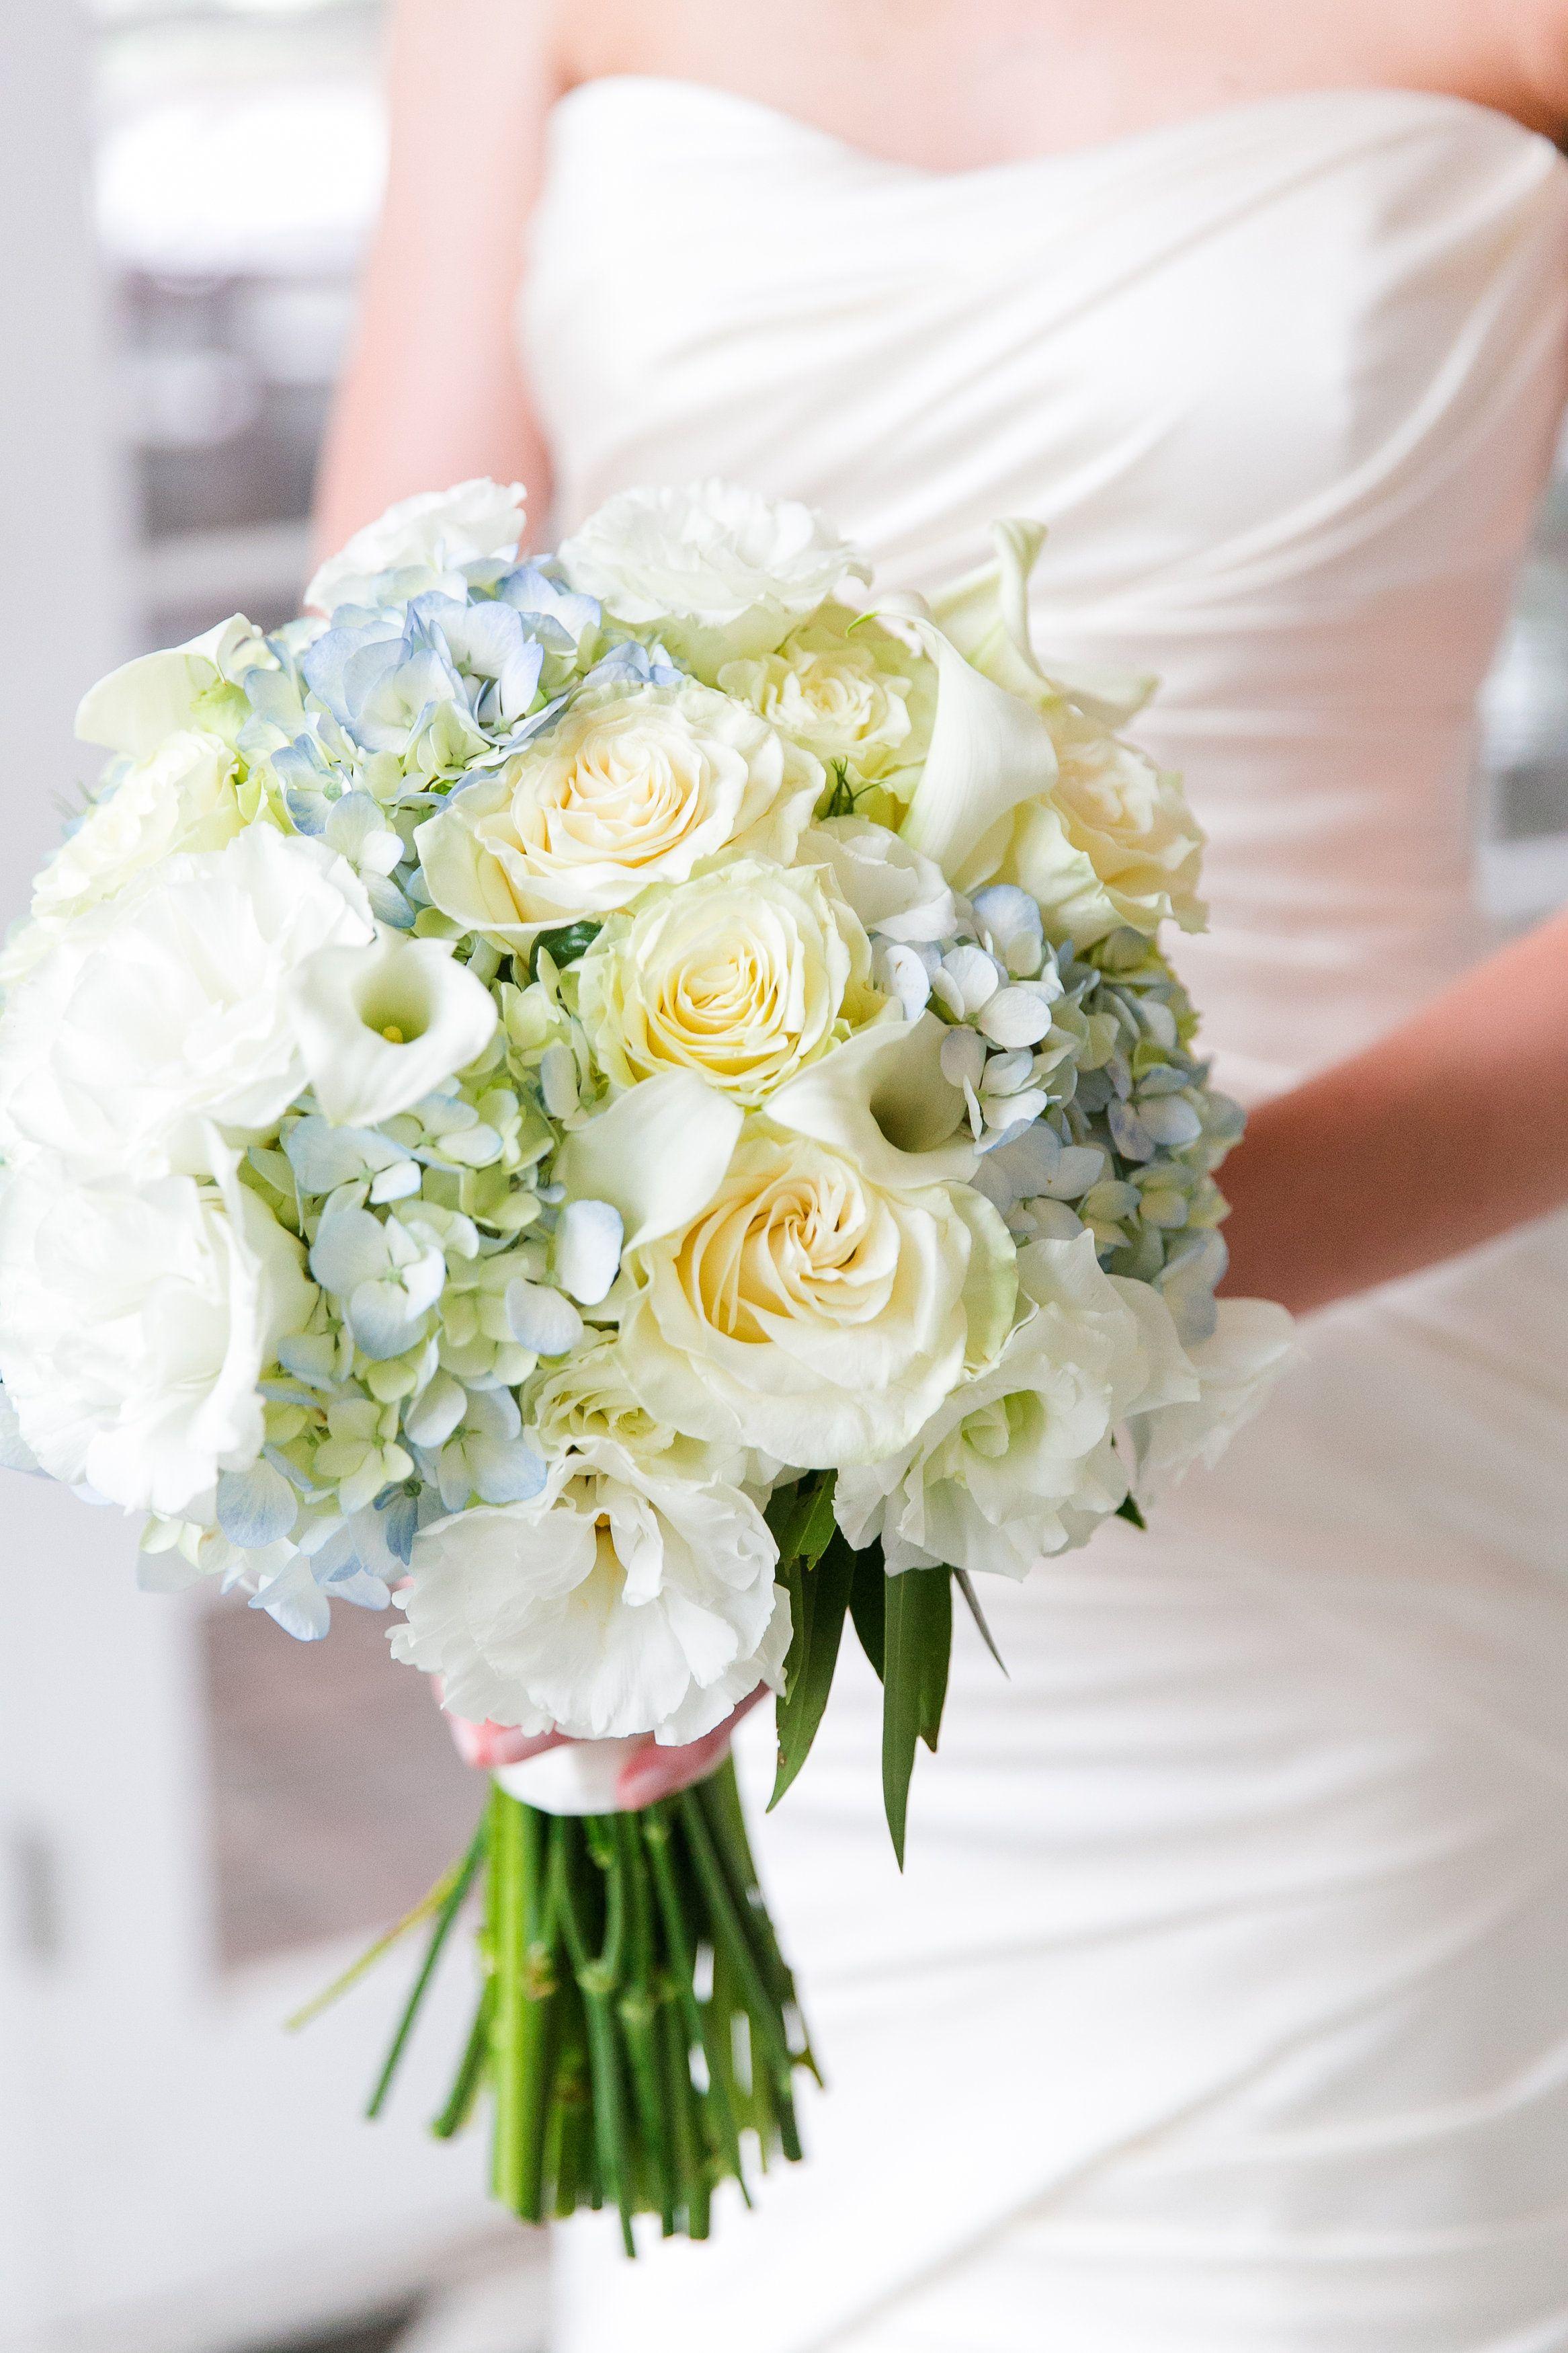 Light Blue Hydrangea Wedding Bouquets – OOSILE |Light Blue Hydrangea Bouquet